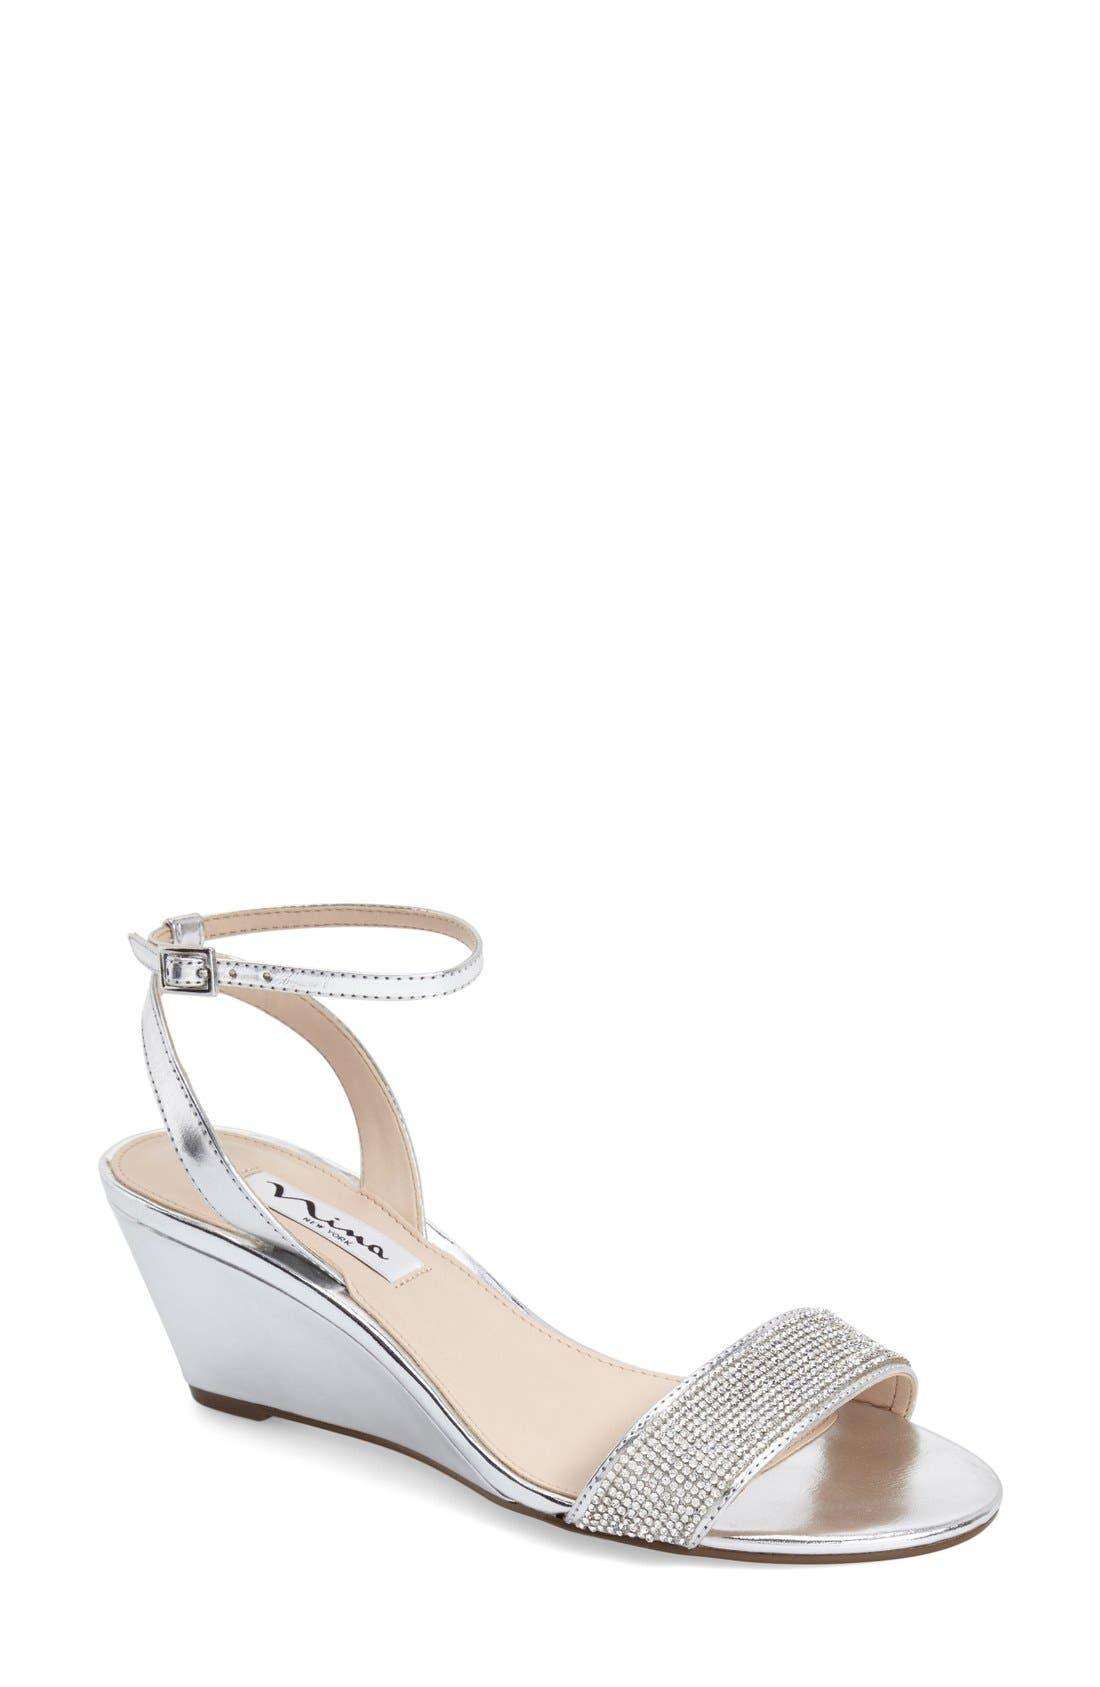 Alternate Image 1 Selected - Nina 'Novia' Embellished Wedge Sandal (Women)